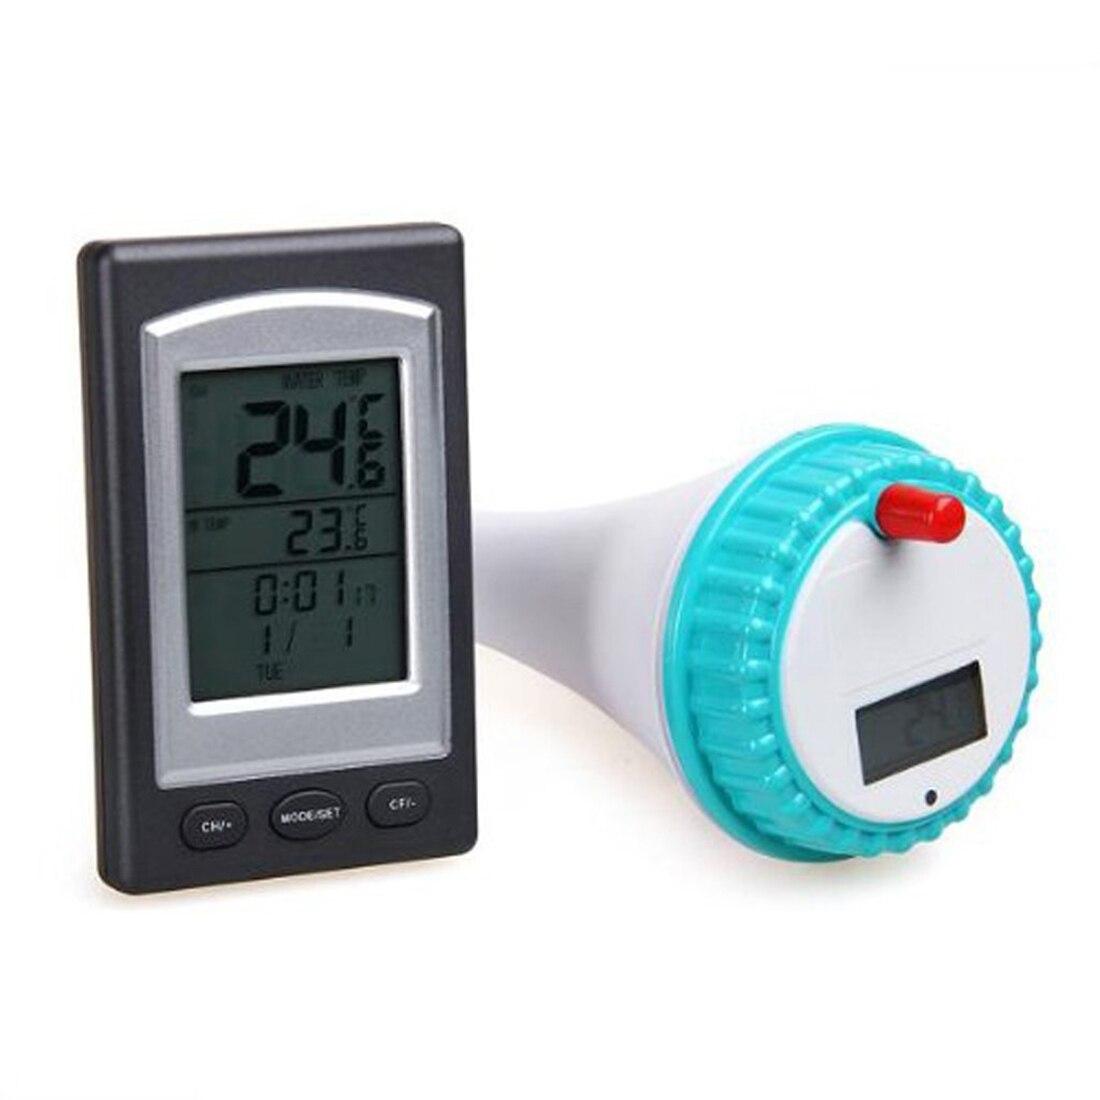 Thermomètres Clius Émetteur Bain À Remous Électronique Lcd ... tout Testeur Piscine Électronique